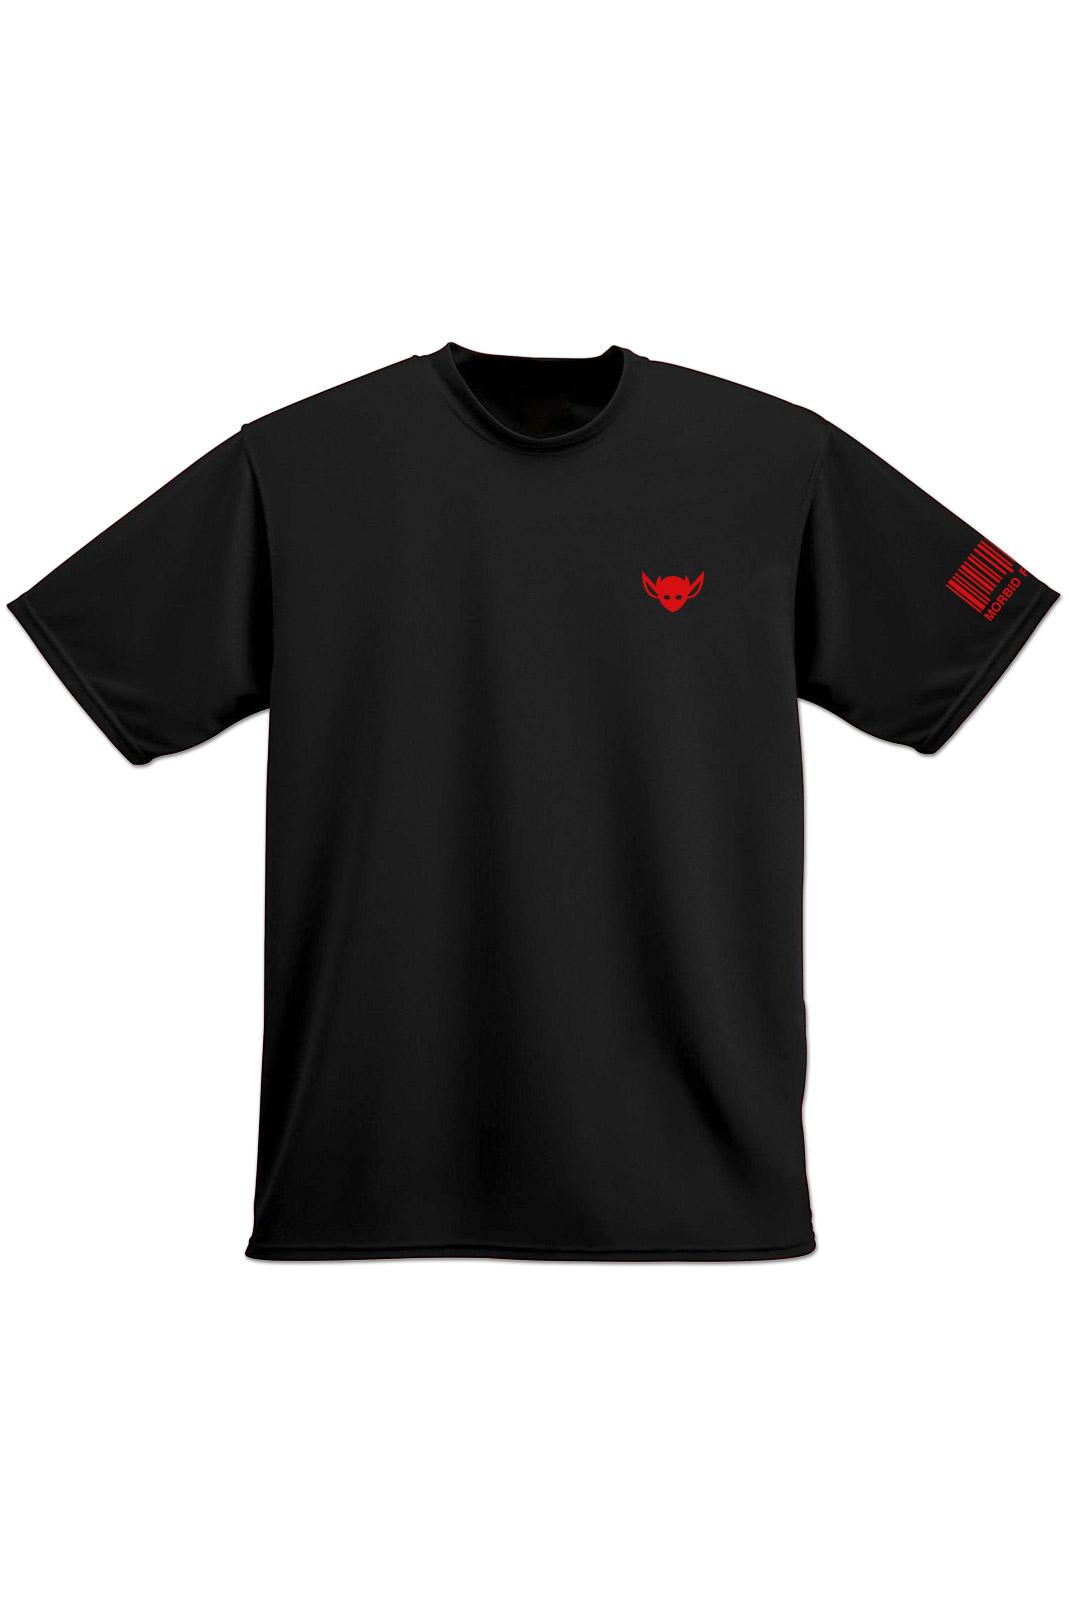 Morbid Fiber LA Clothing Streetwear Fashion IMP T-shirt Black